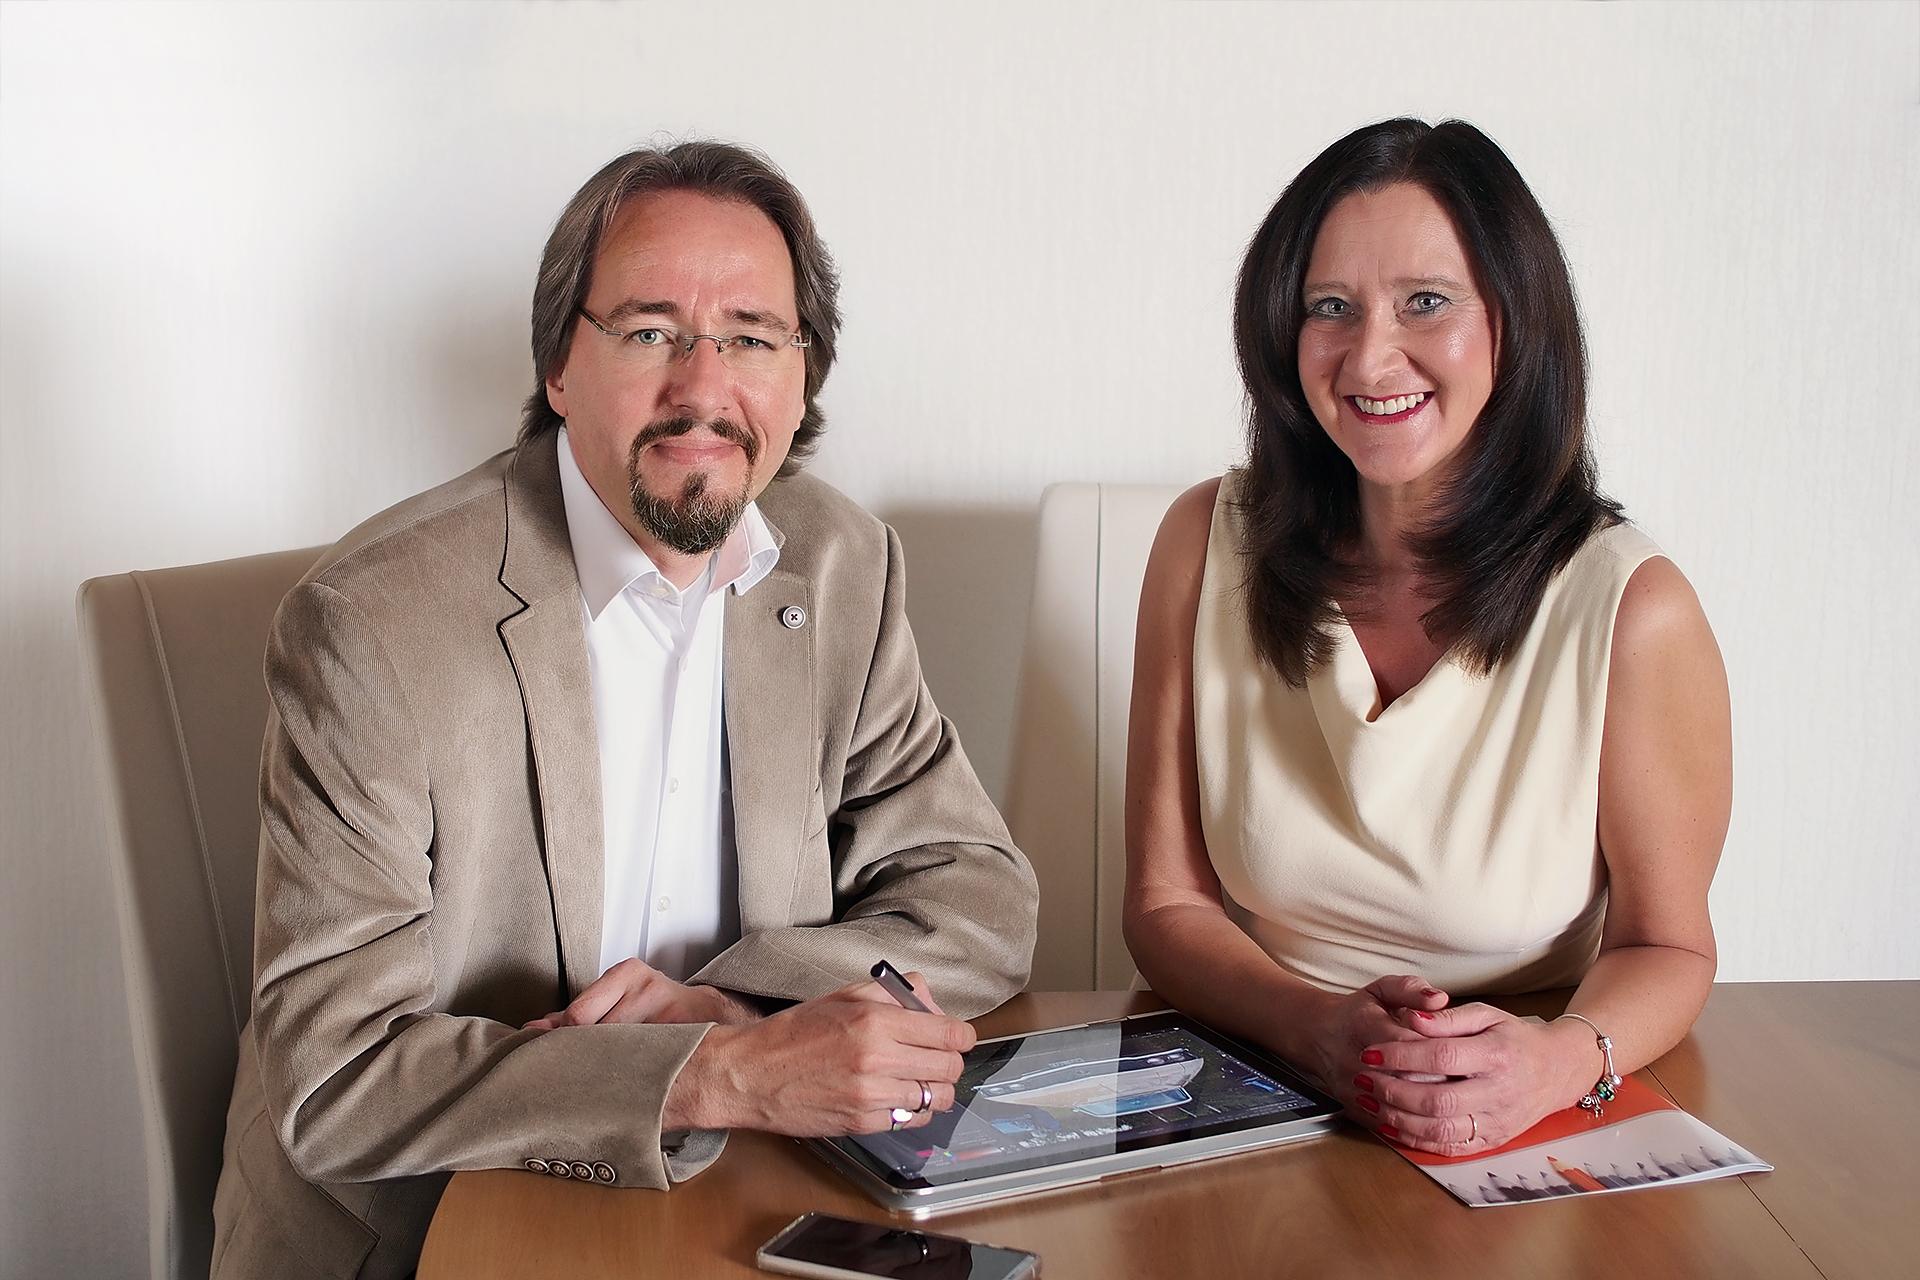 Foto vom Popkendesign-Team Roger Popken und Marion Gigerl